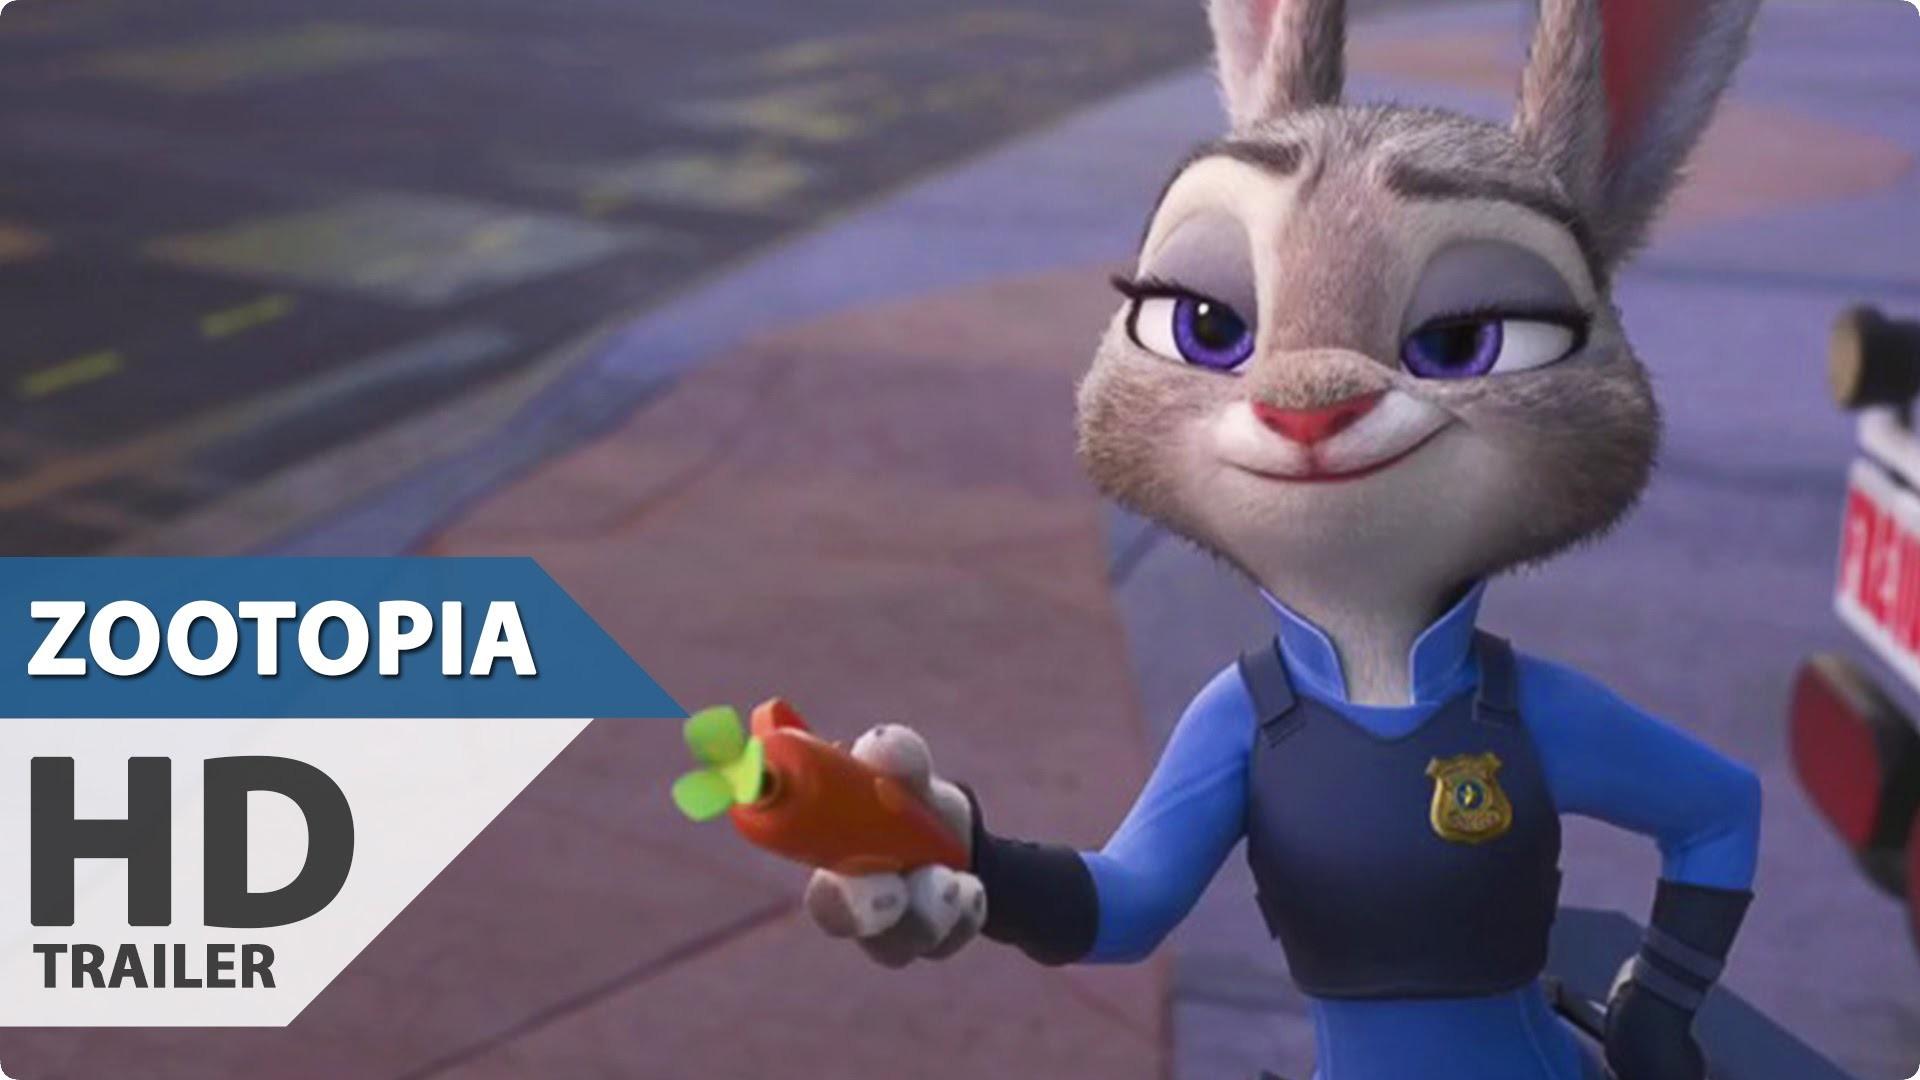 Die besten 25+ Zootopia hd Ideen auf Pinterest | Zootopia Fankunst, Zootopia  comic und Nick und judy